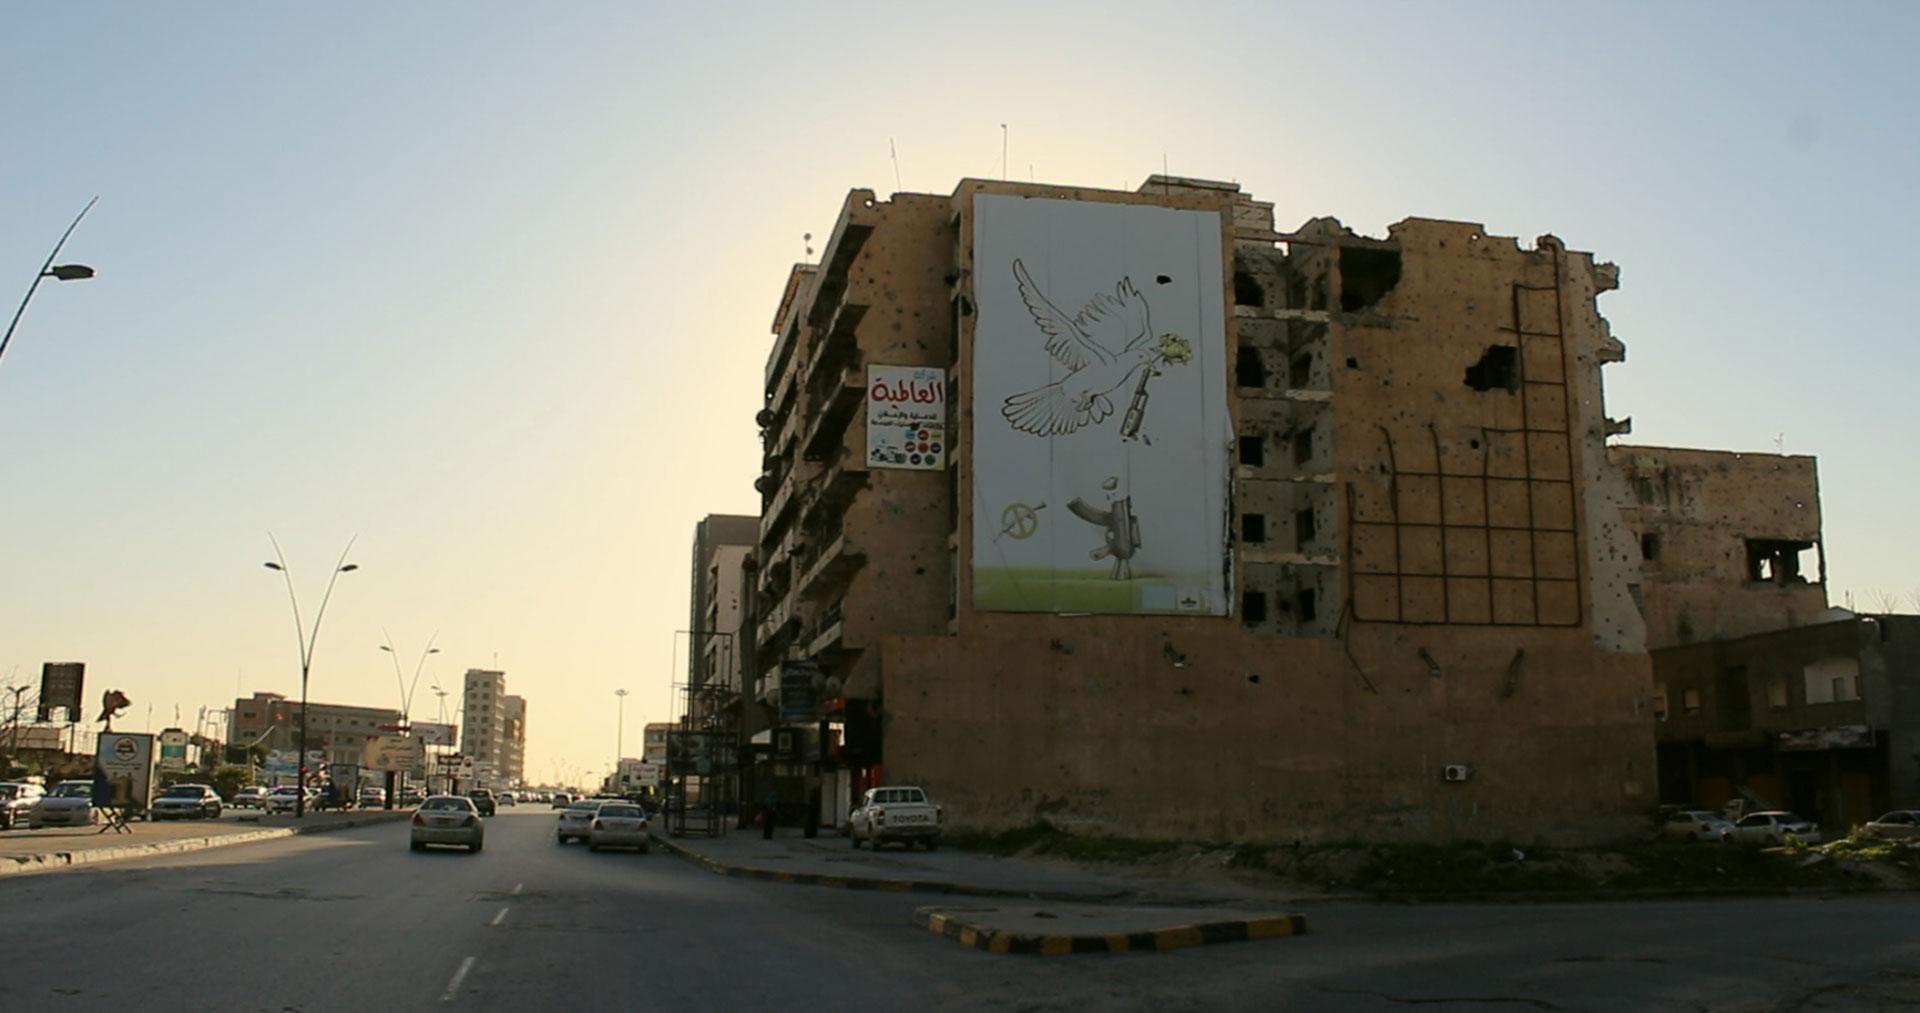 Tripolis in Libyen, zerbombtes Gebäude mit Friedenstaube